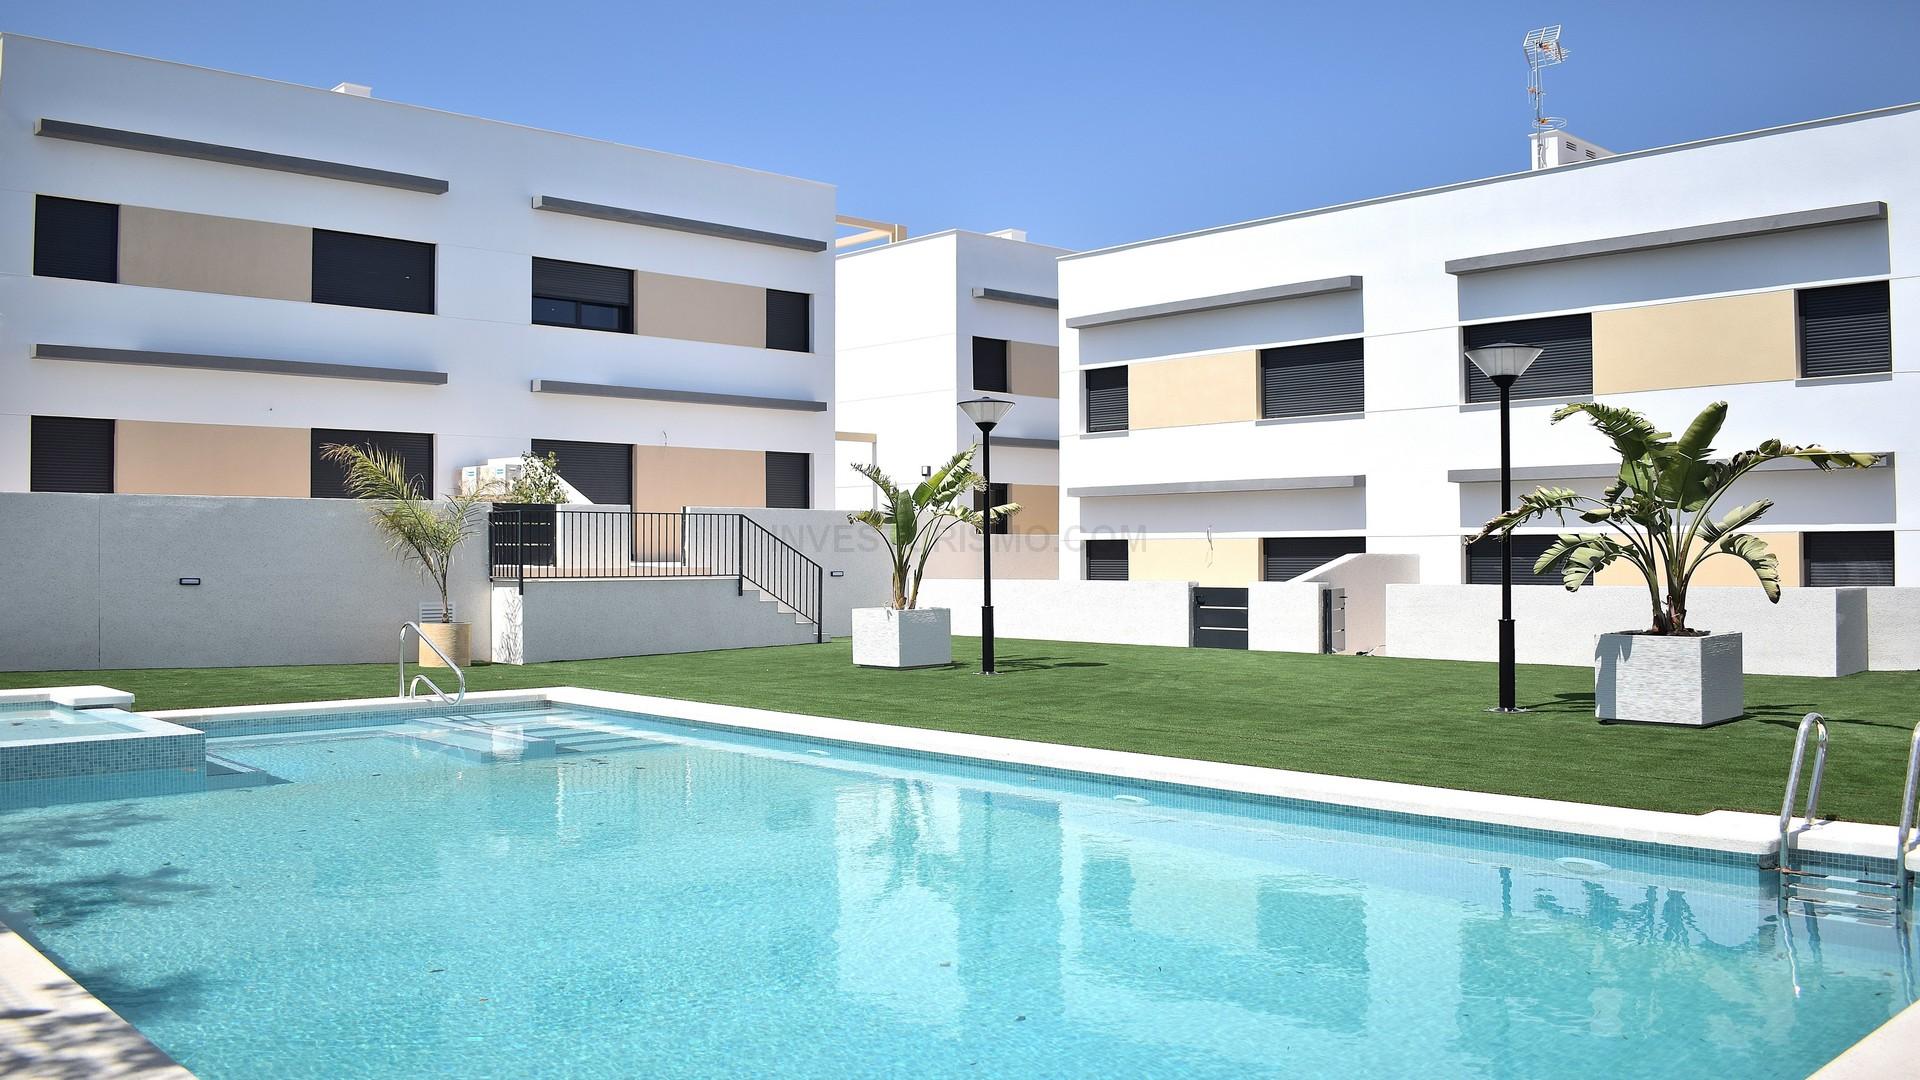 New Build villas 3 bedrooms in Orihuela costa